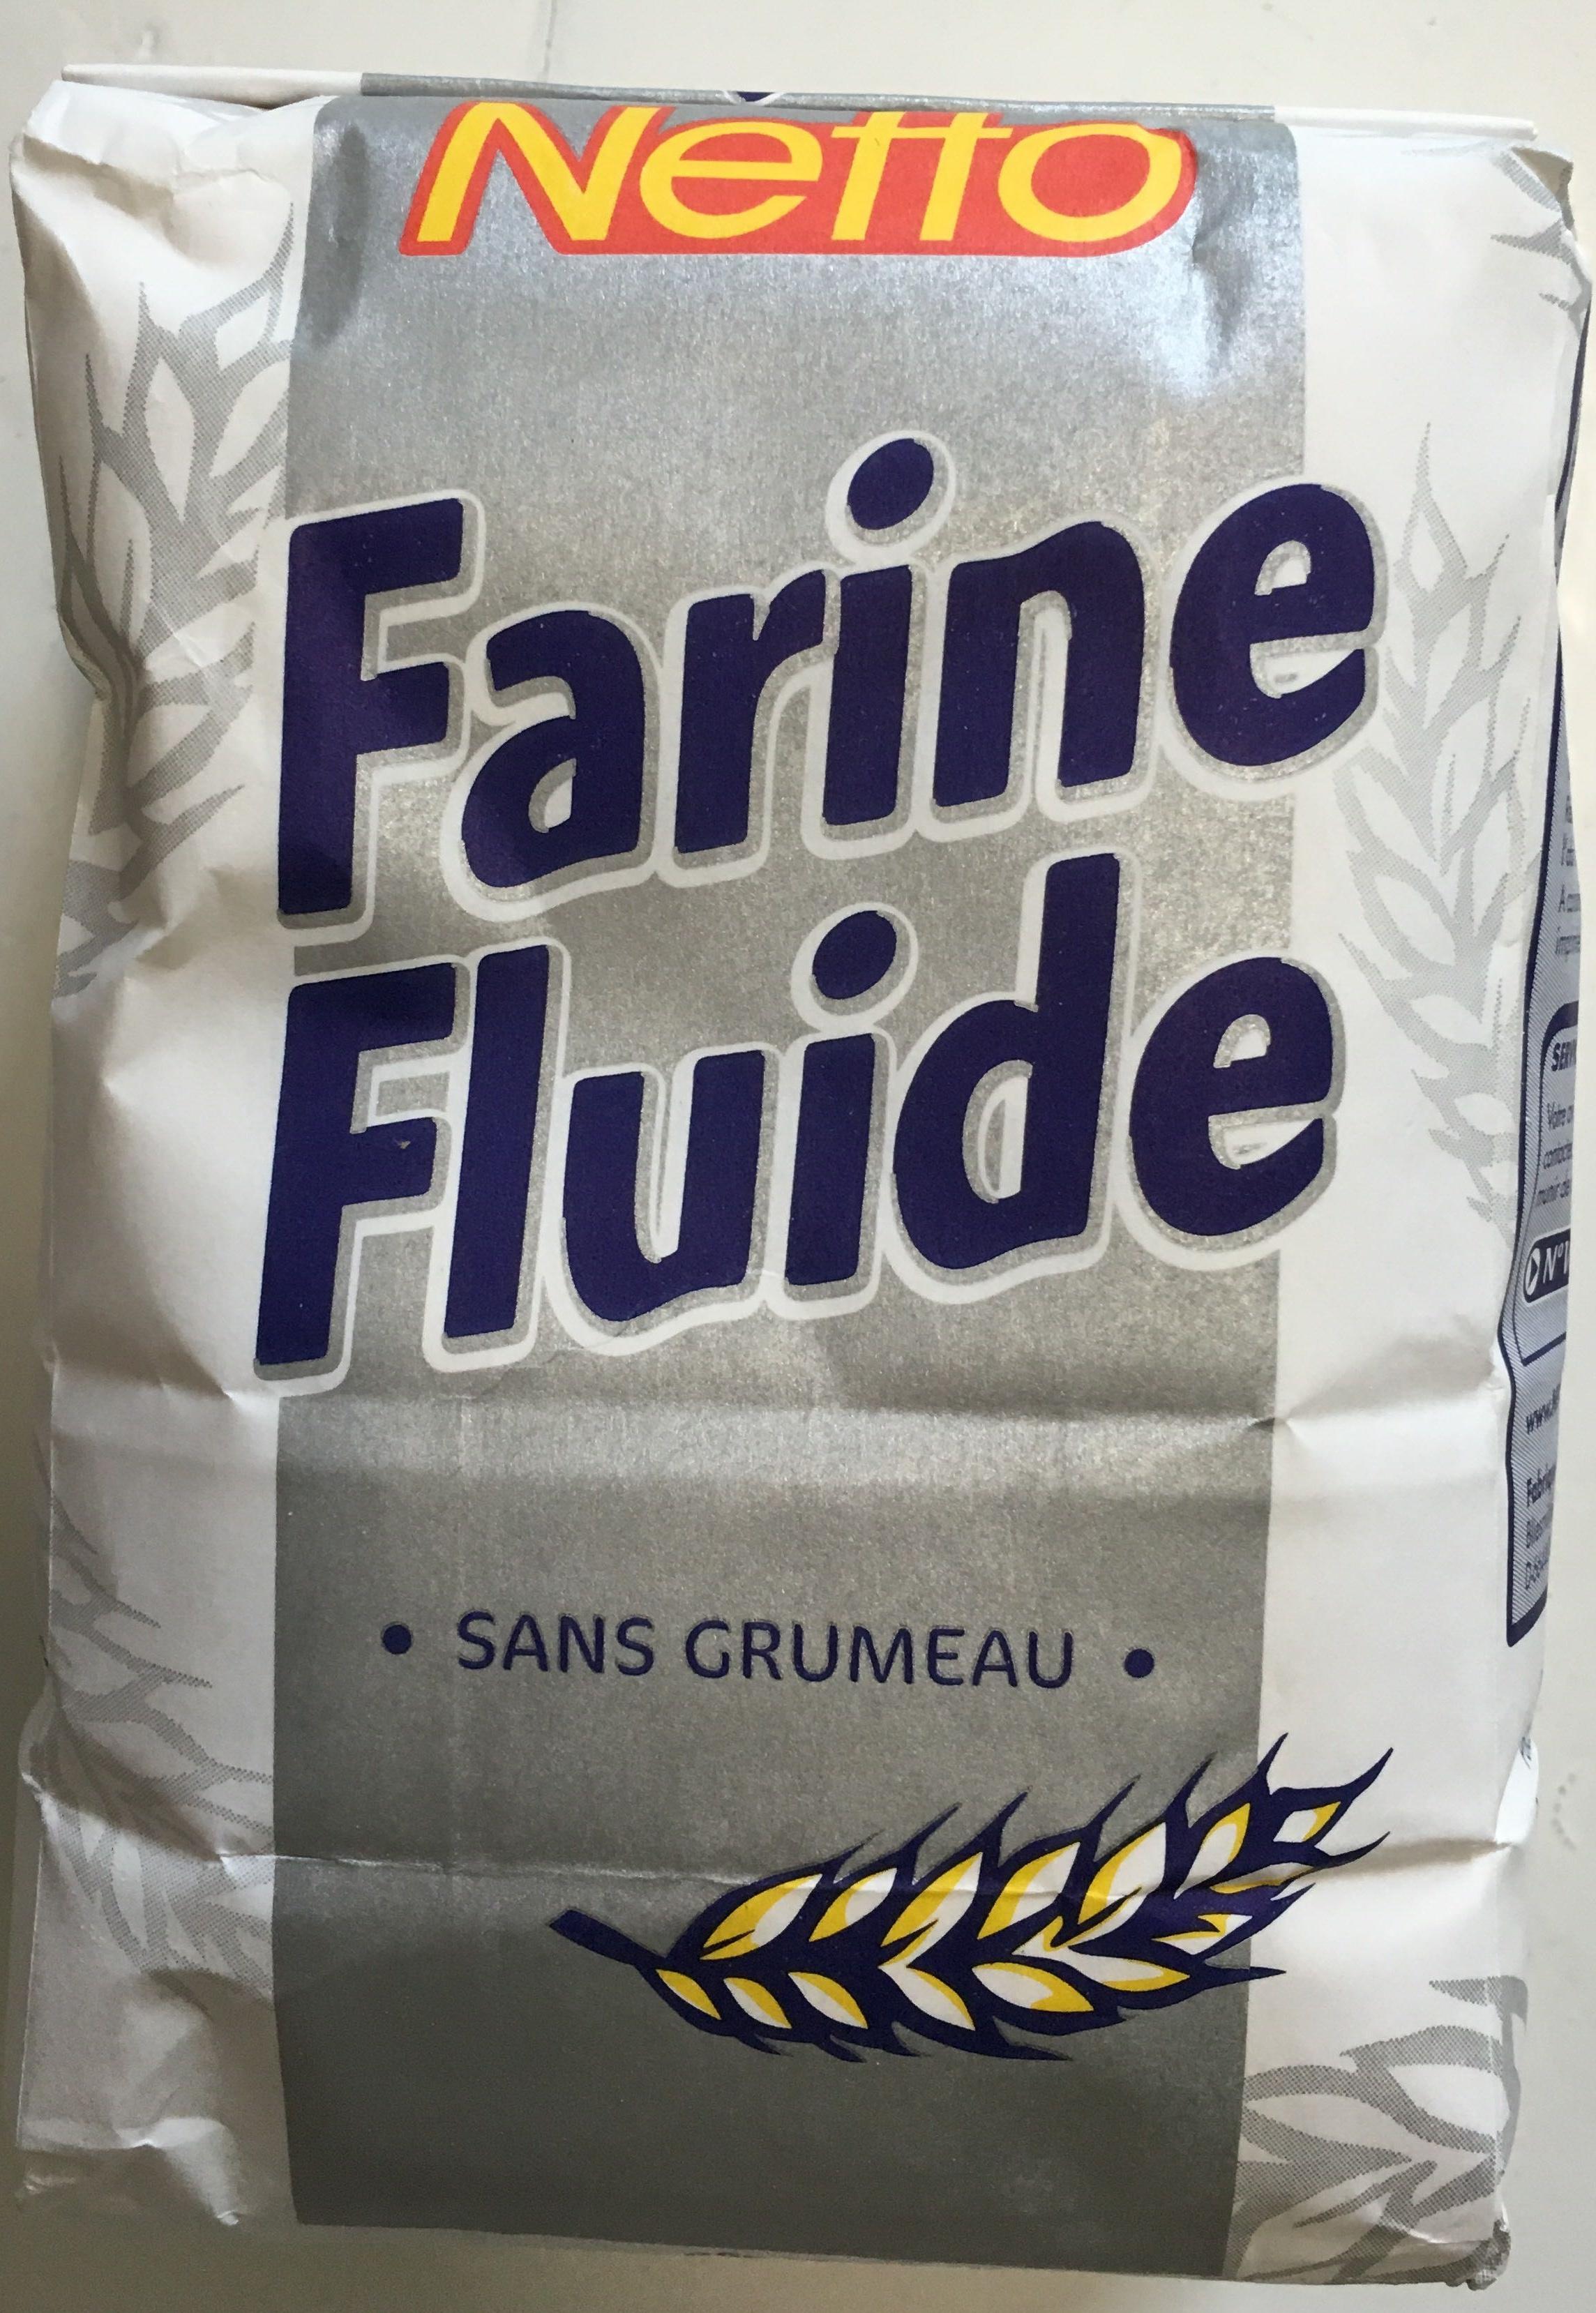 Farine fluide sans grumeau - Product